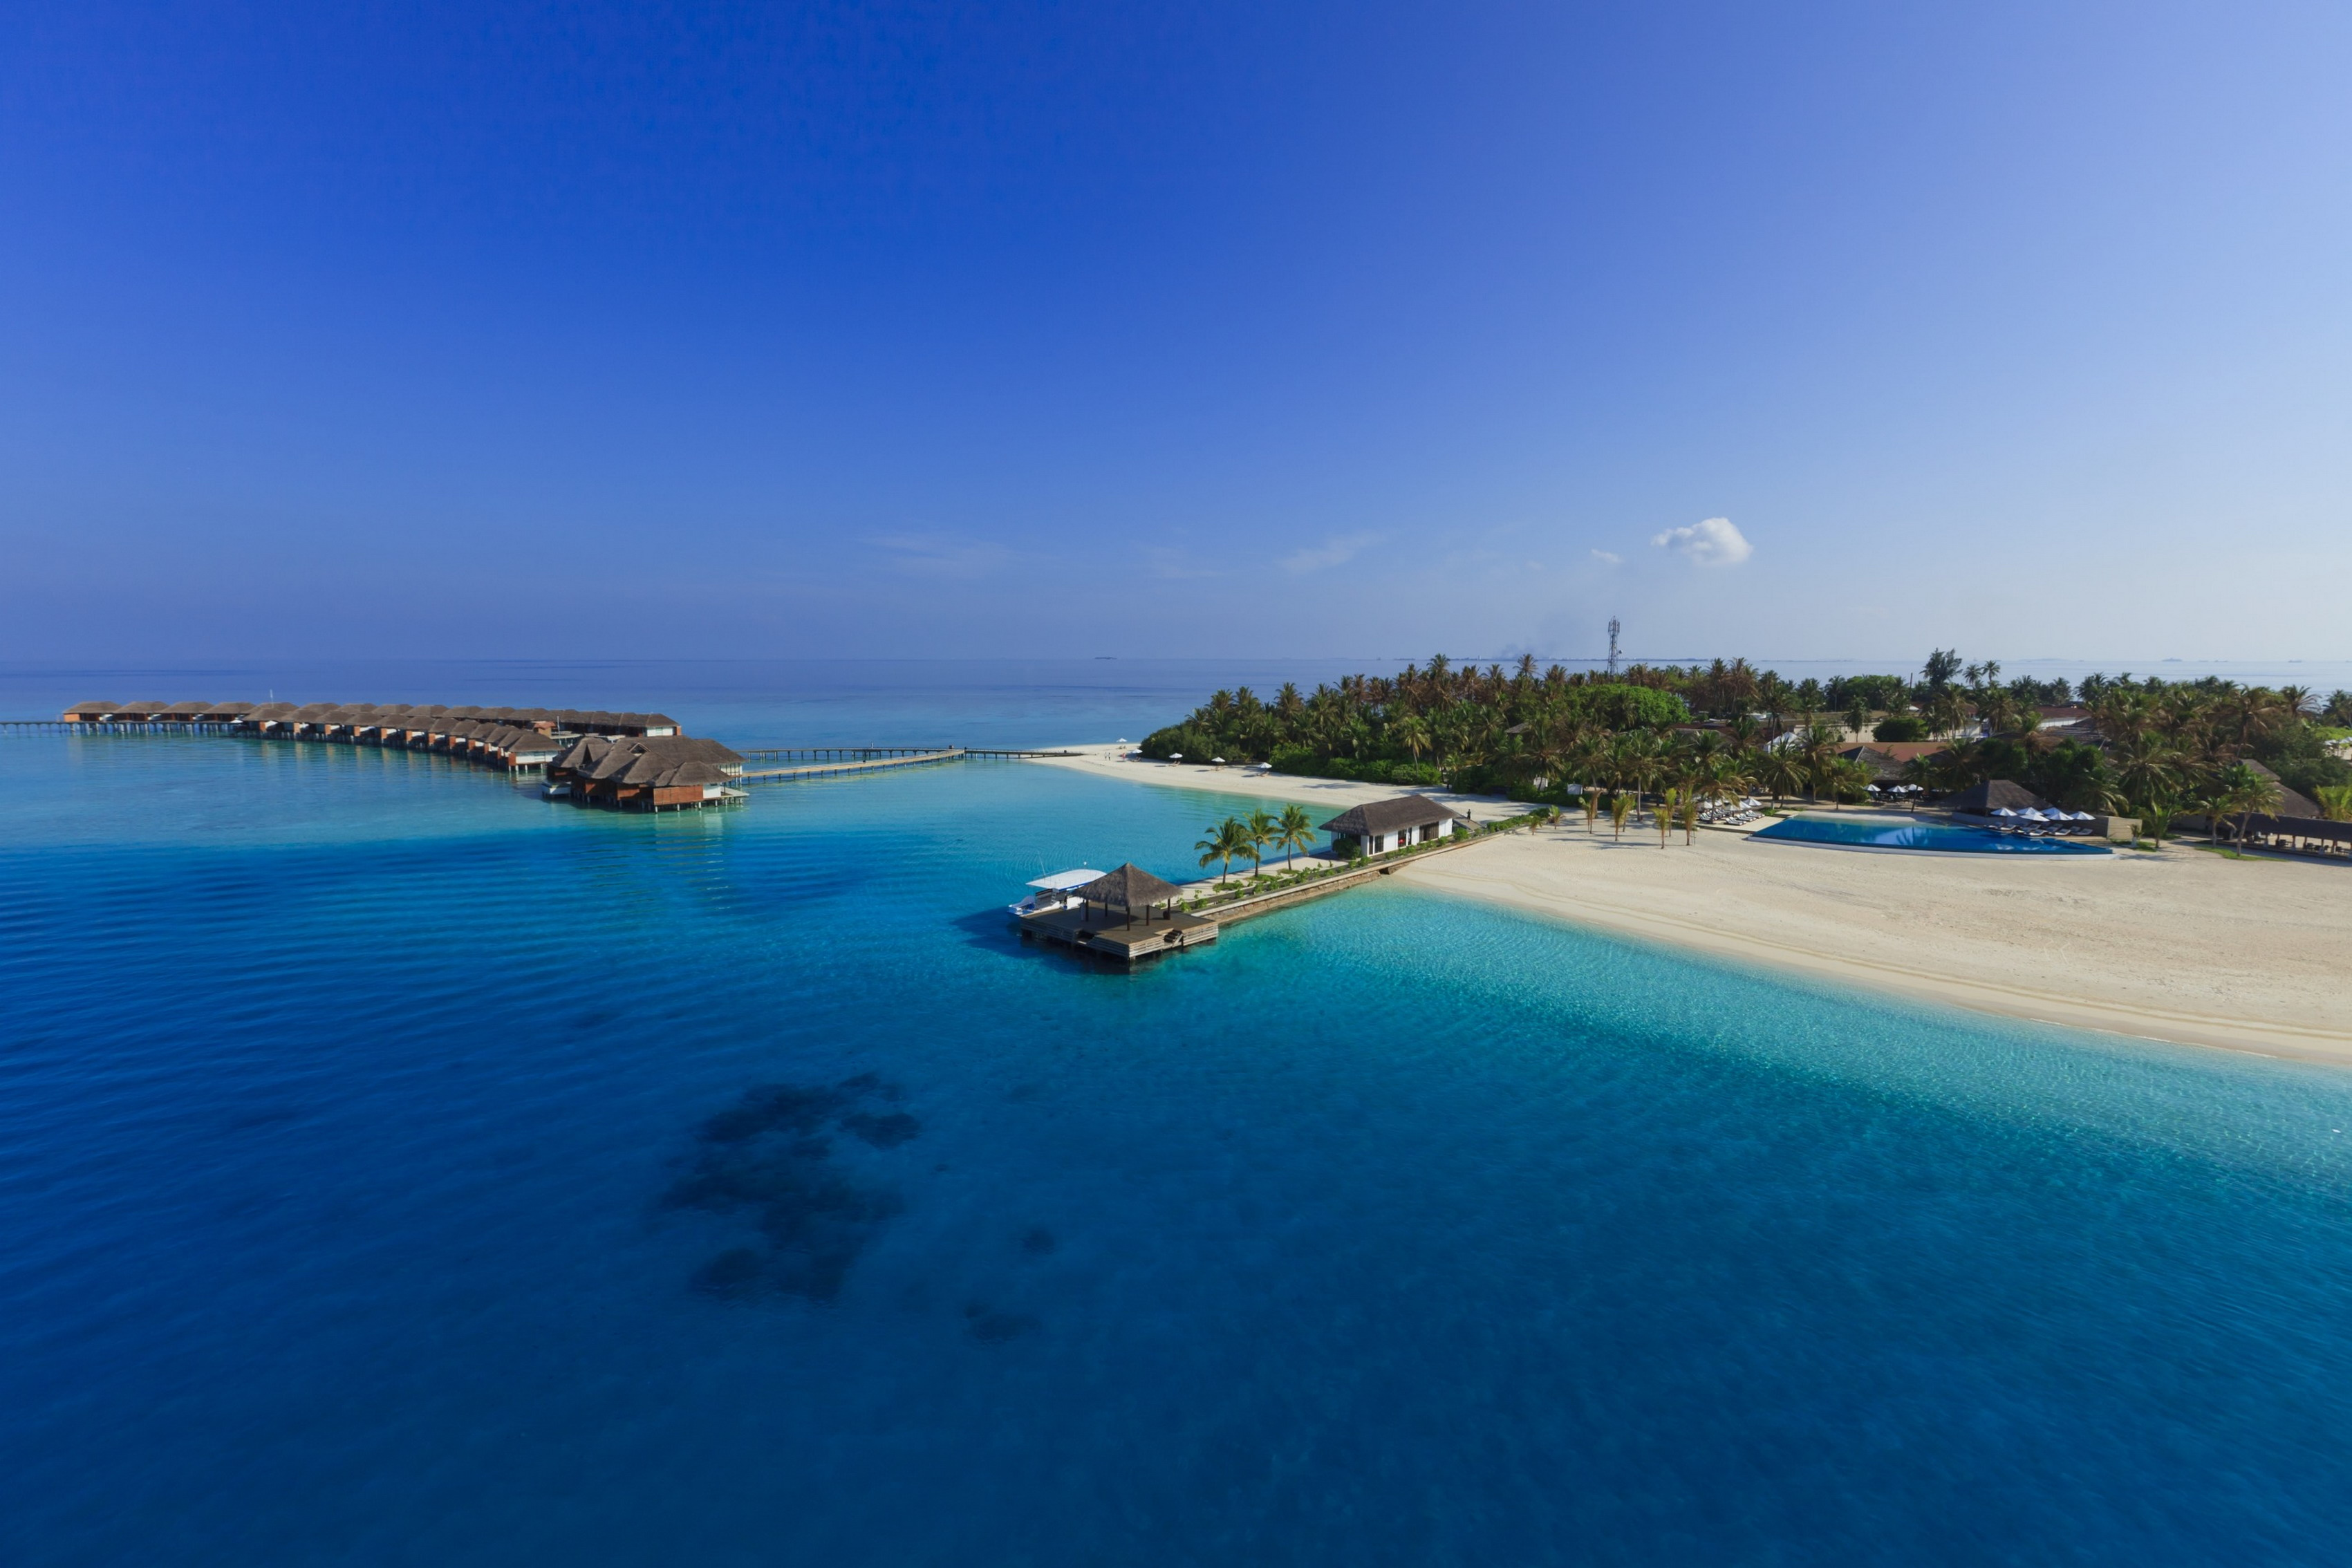 decorao de casa linda incrvel bangals sobre palafitas sobre o mar maldivas ilha paradisaca tecido de